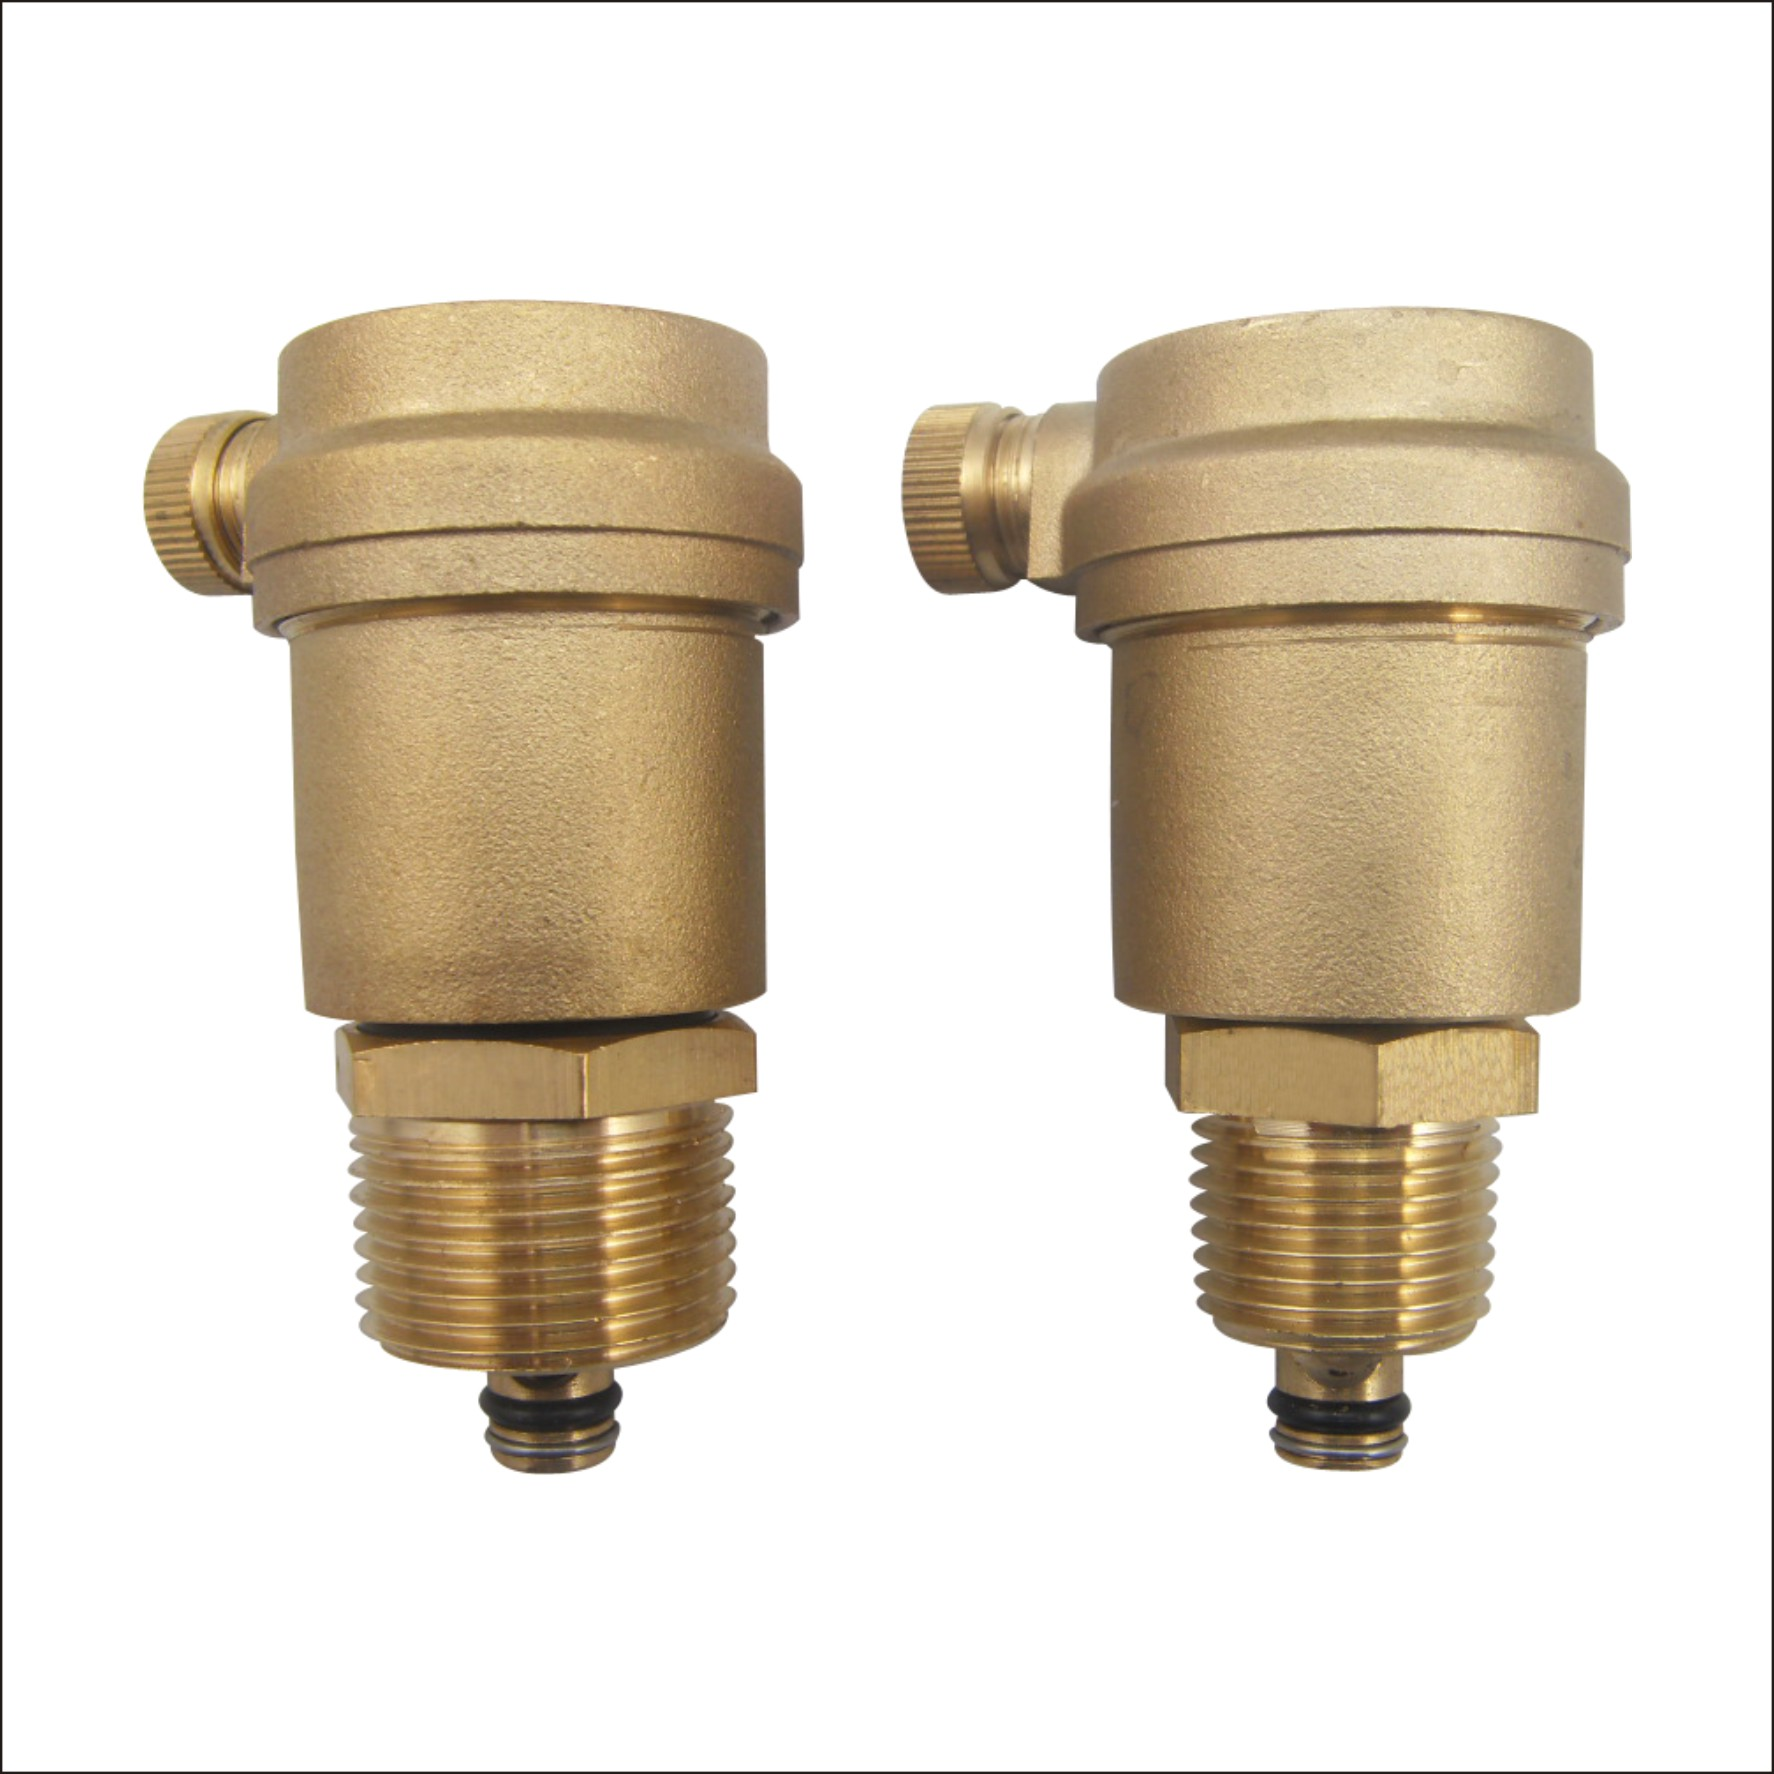 盾安牌 黄铜配件 立式铜阀门 自动排气阀 直排暖气阀图片